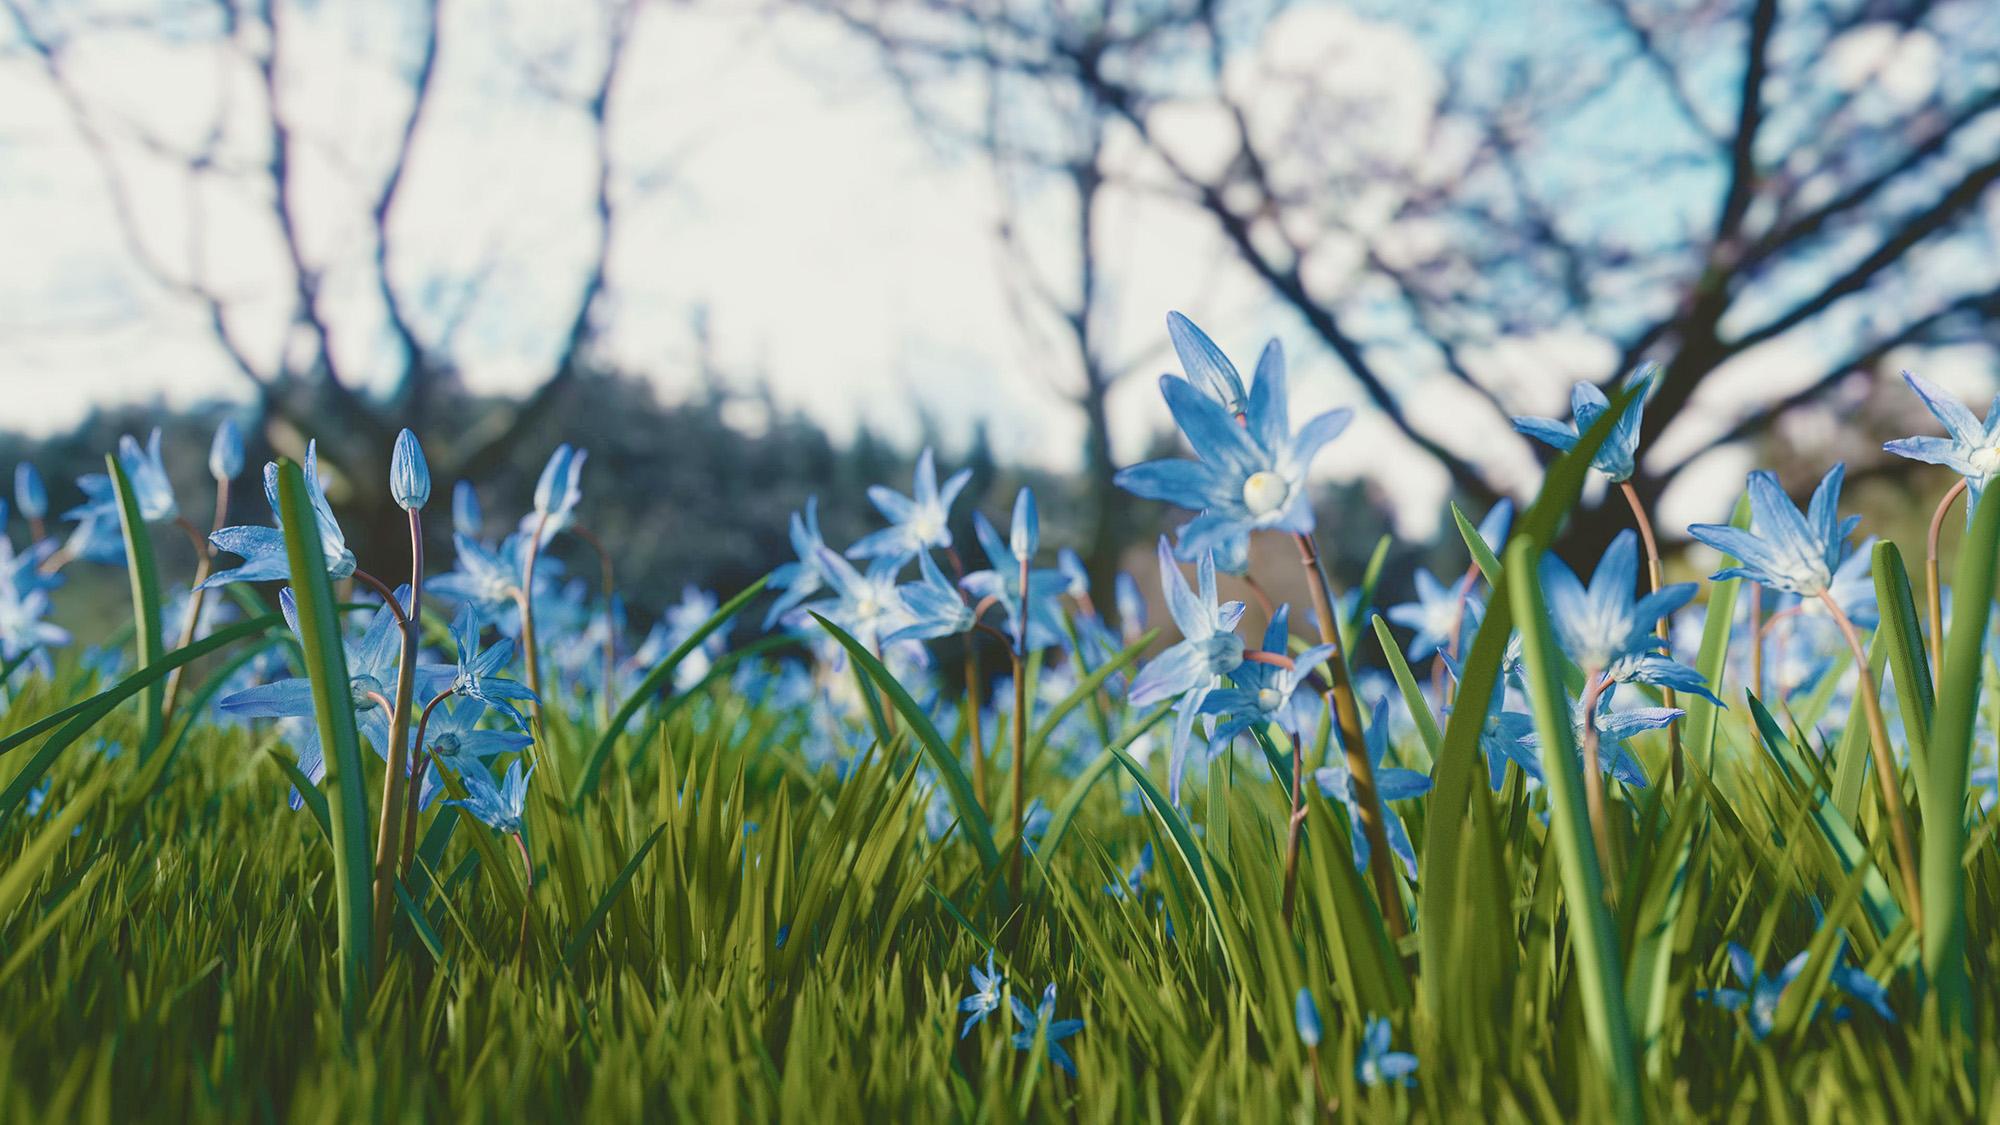 Relaxing in a field of blue flowers.